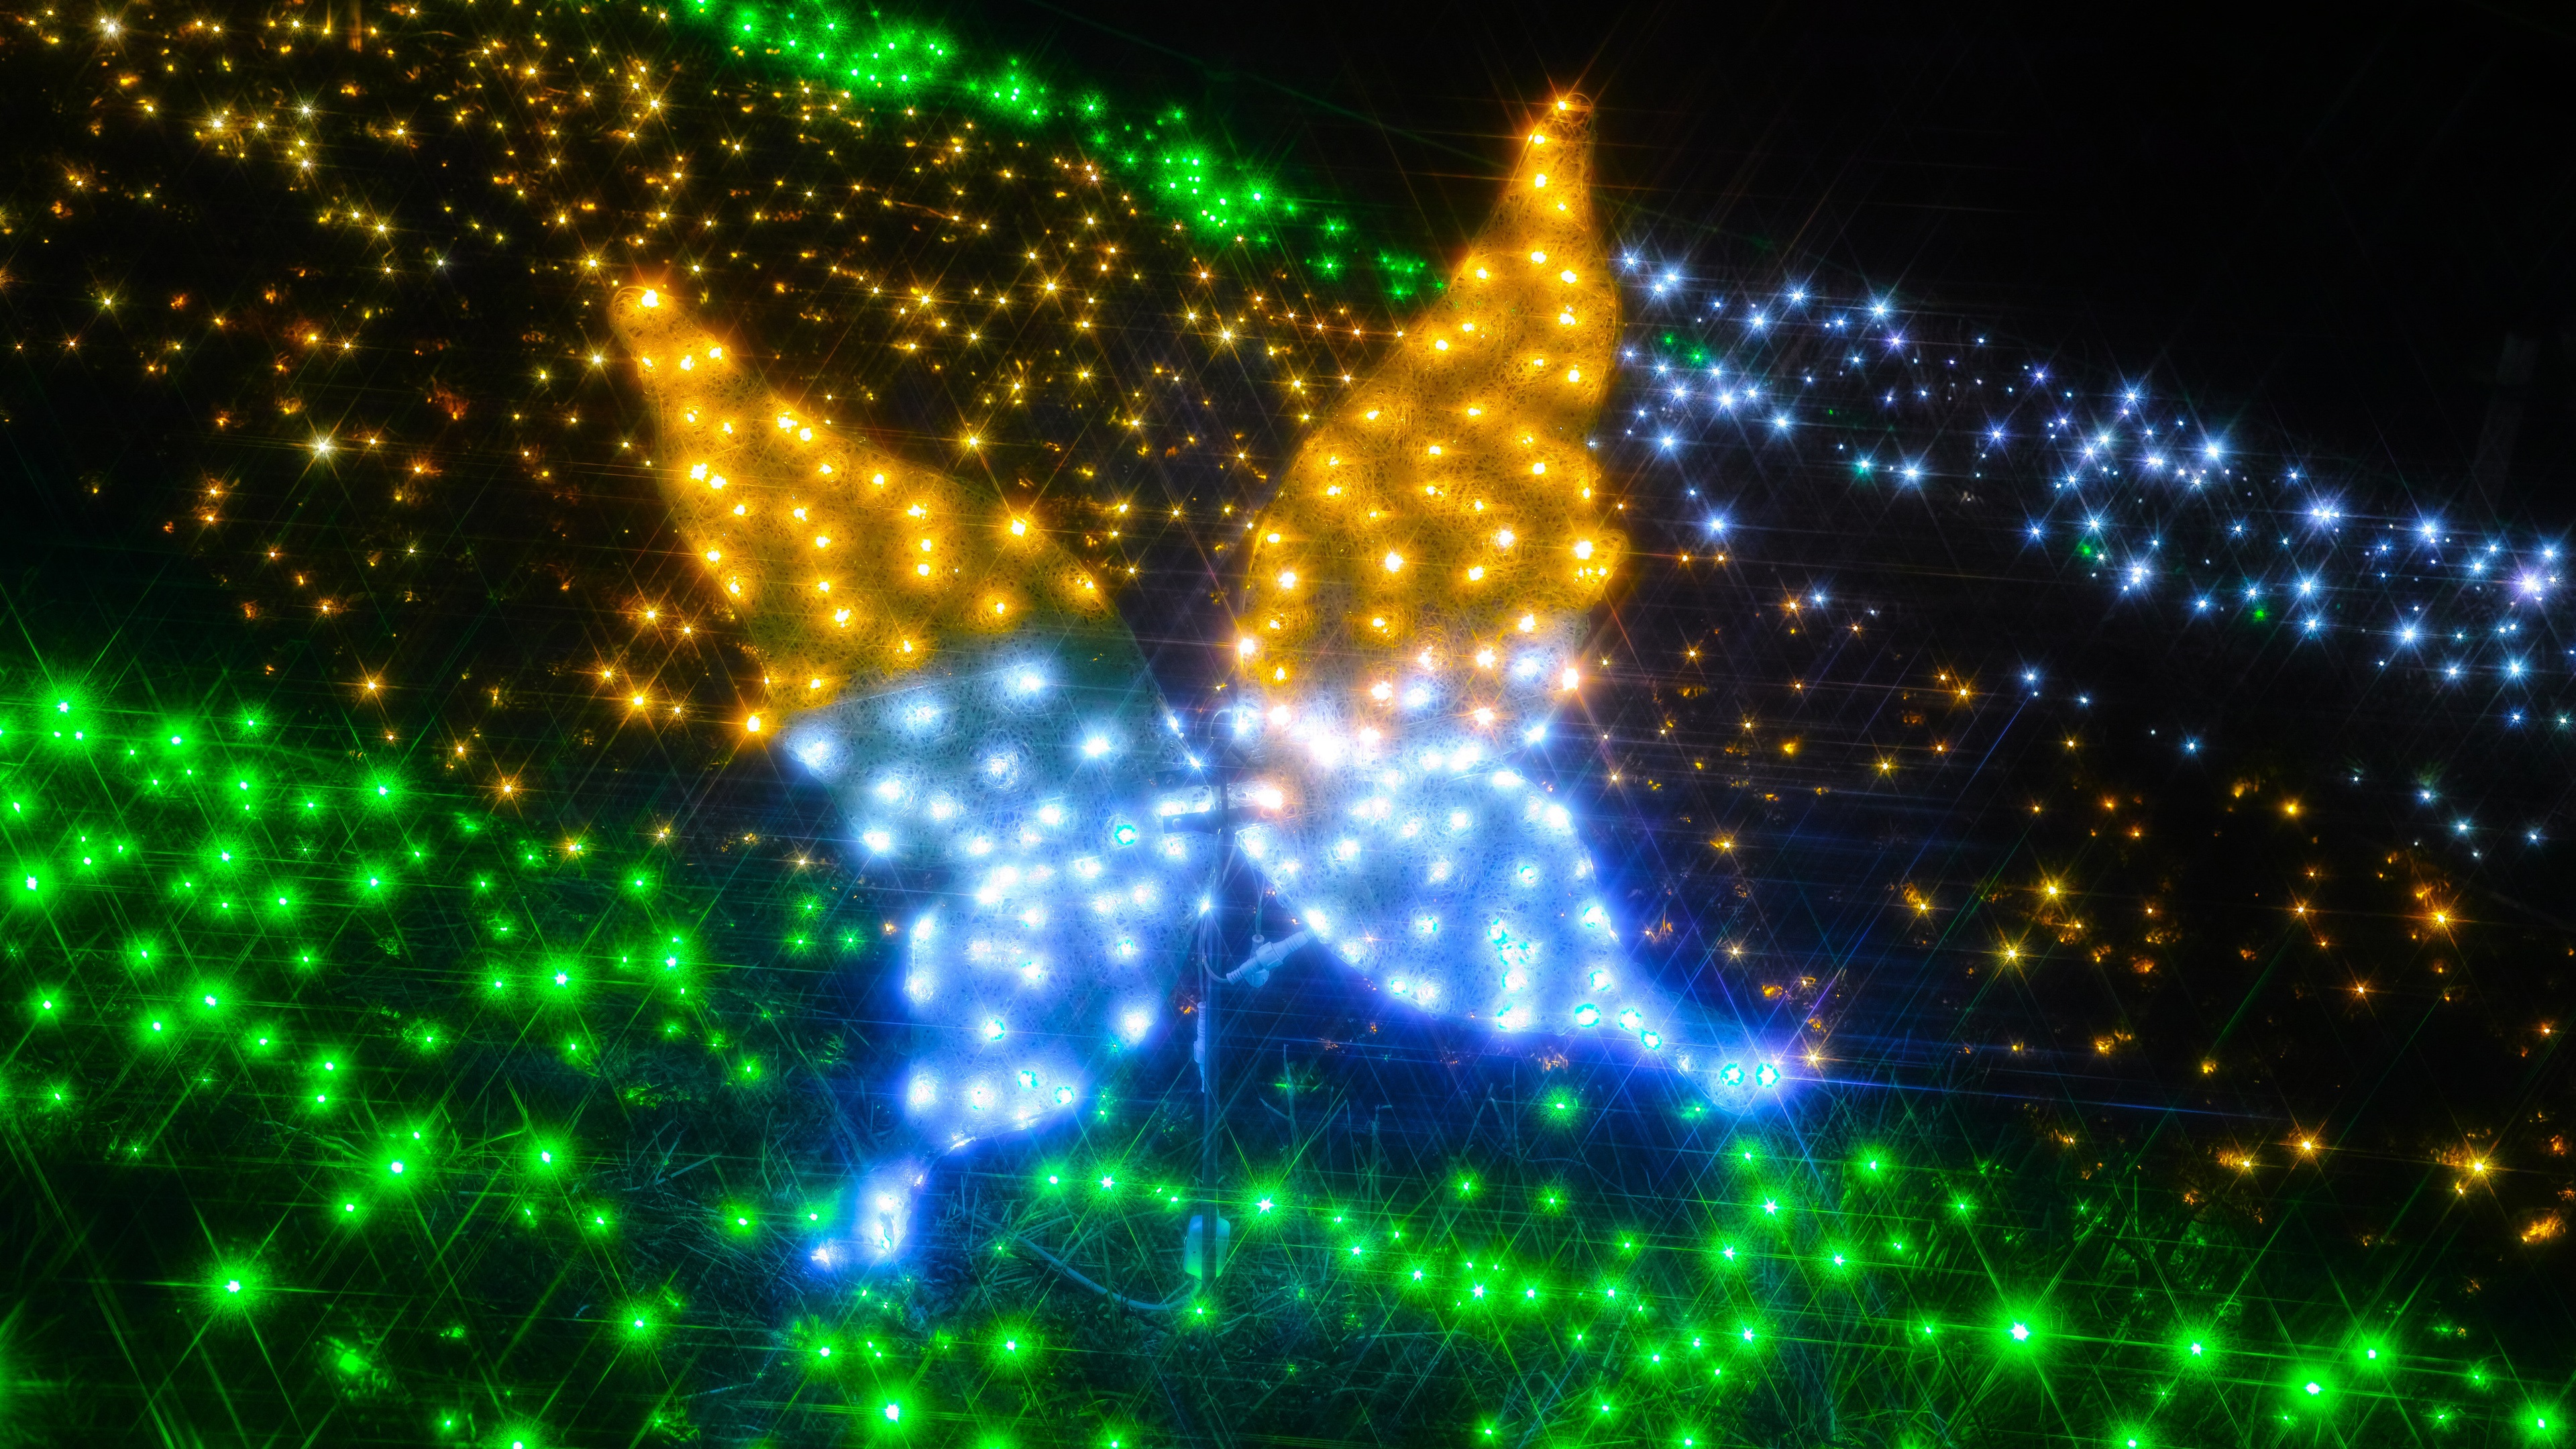 壁紙 カラフルなライト 蝶 3840x2160 Uhd 4k 無料のデスクトップの